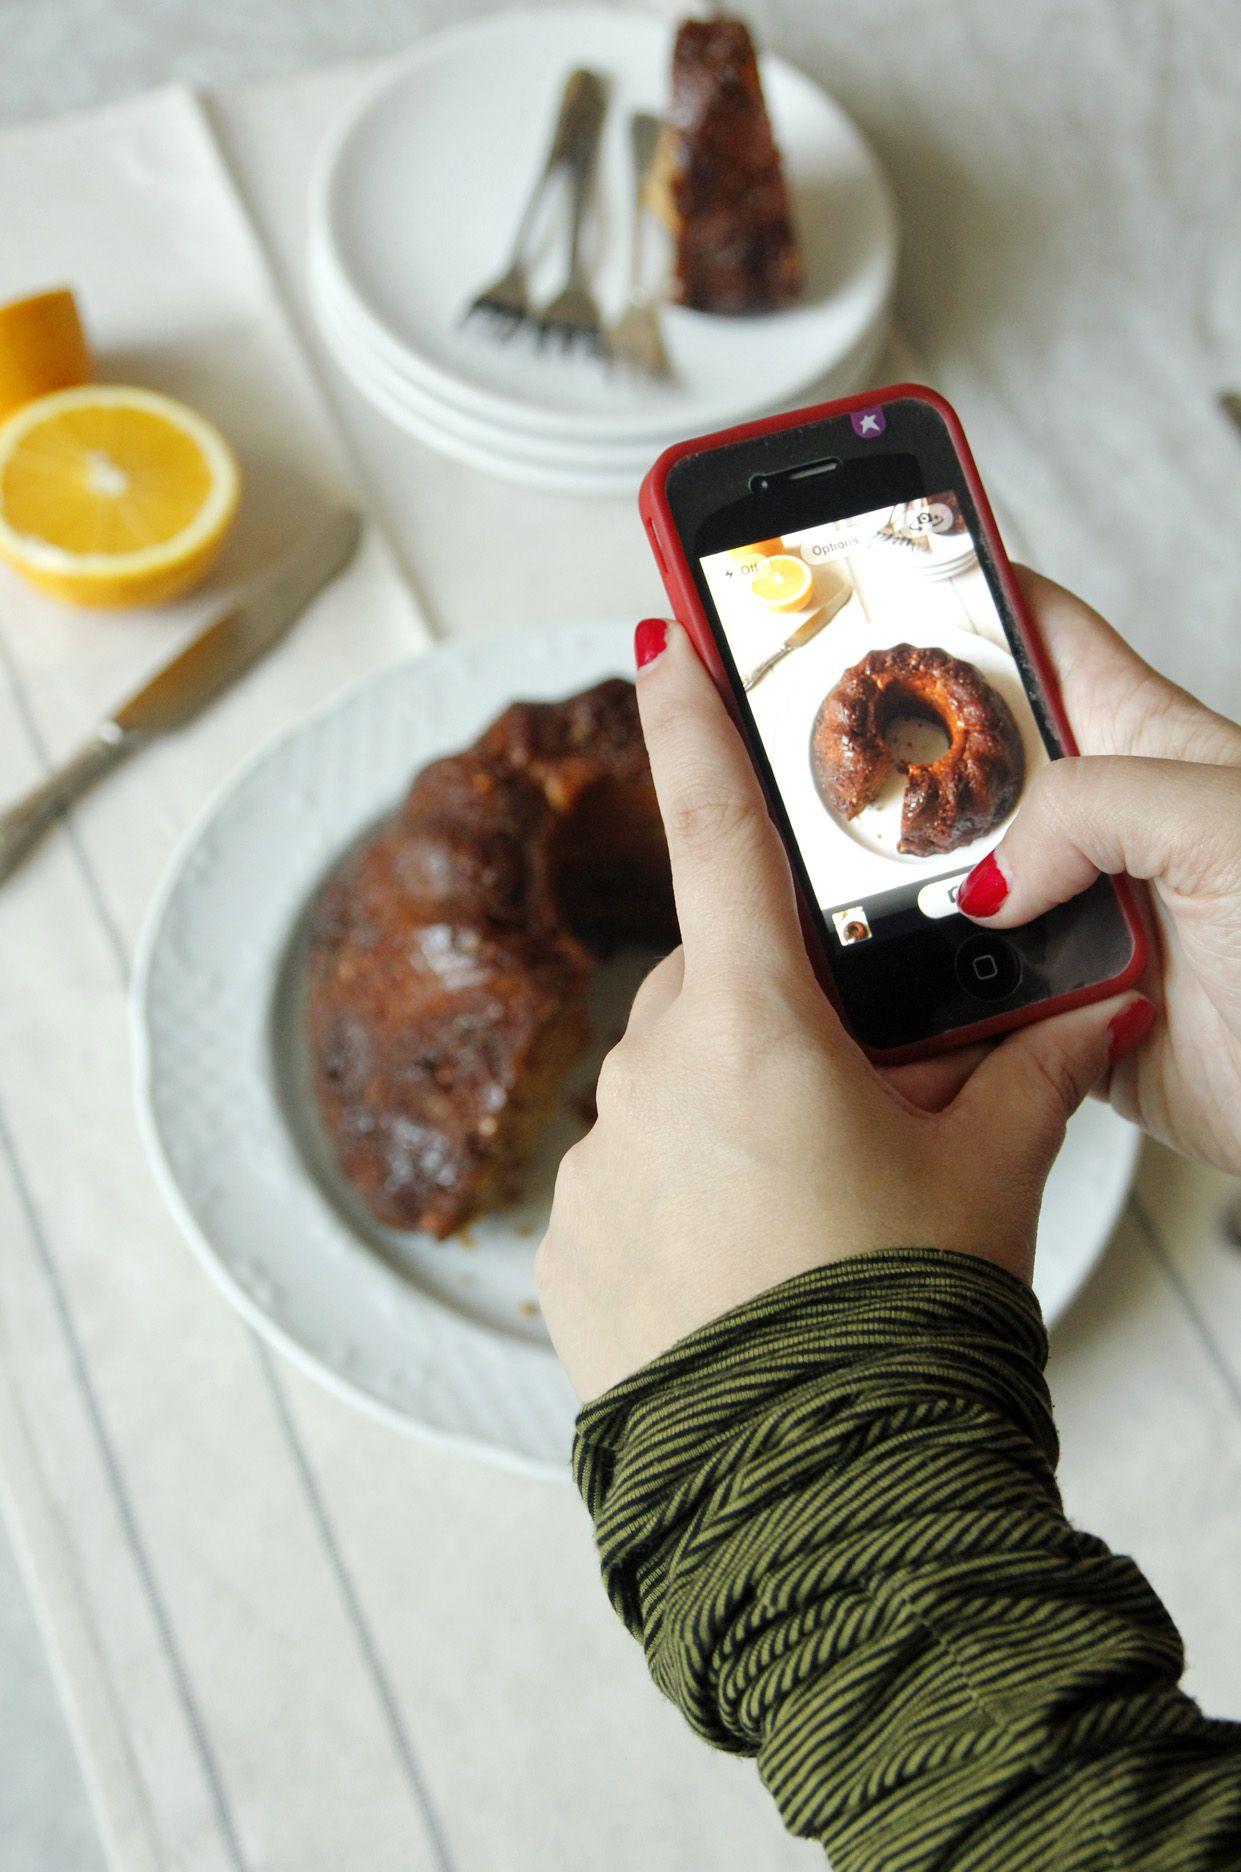 עוגת שמרים מקמח מלא במילוי אגוזים מתובל עם סירופ תפוזים